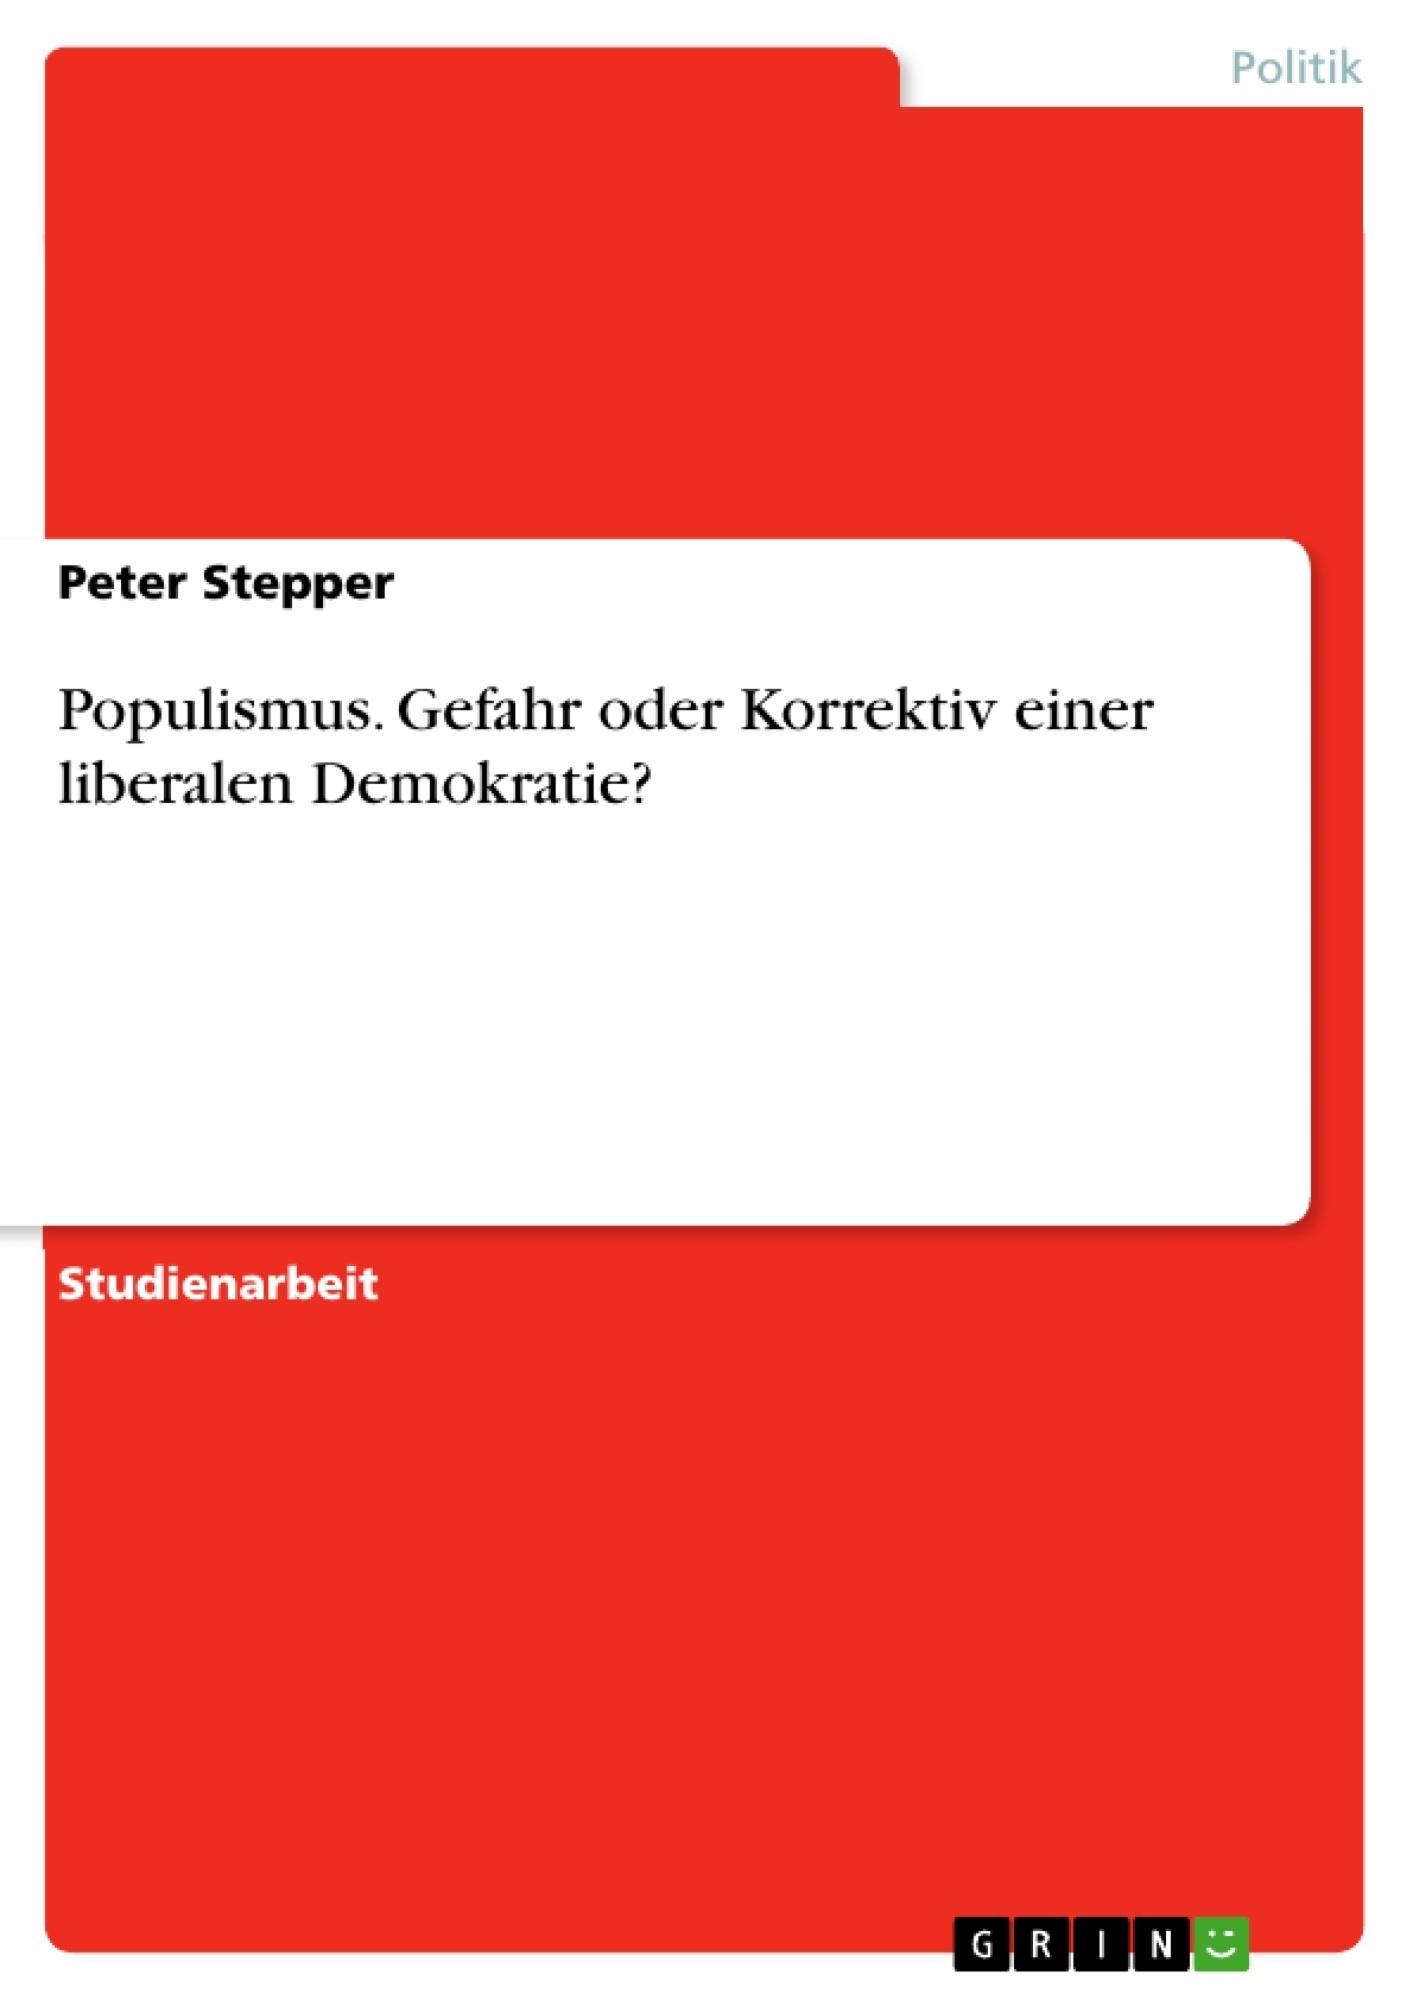 Titel: Populismus. Gefahr oder Korrektiv einer liberalen Demokratie?